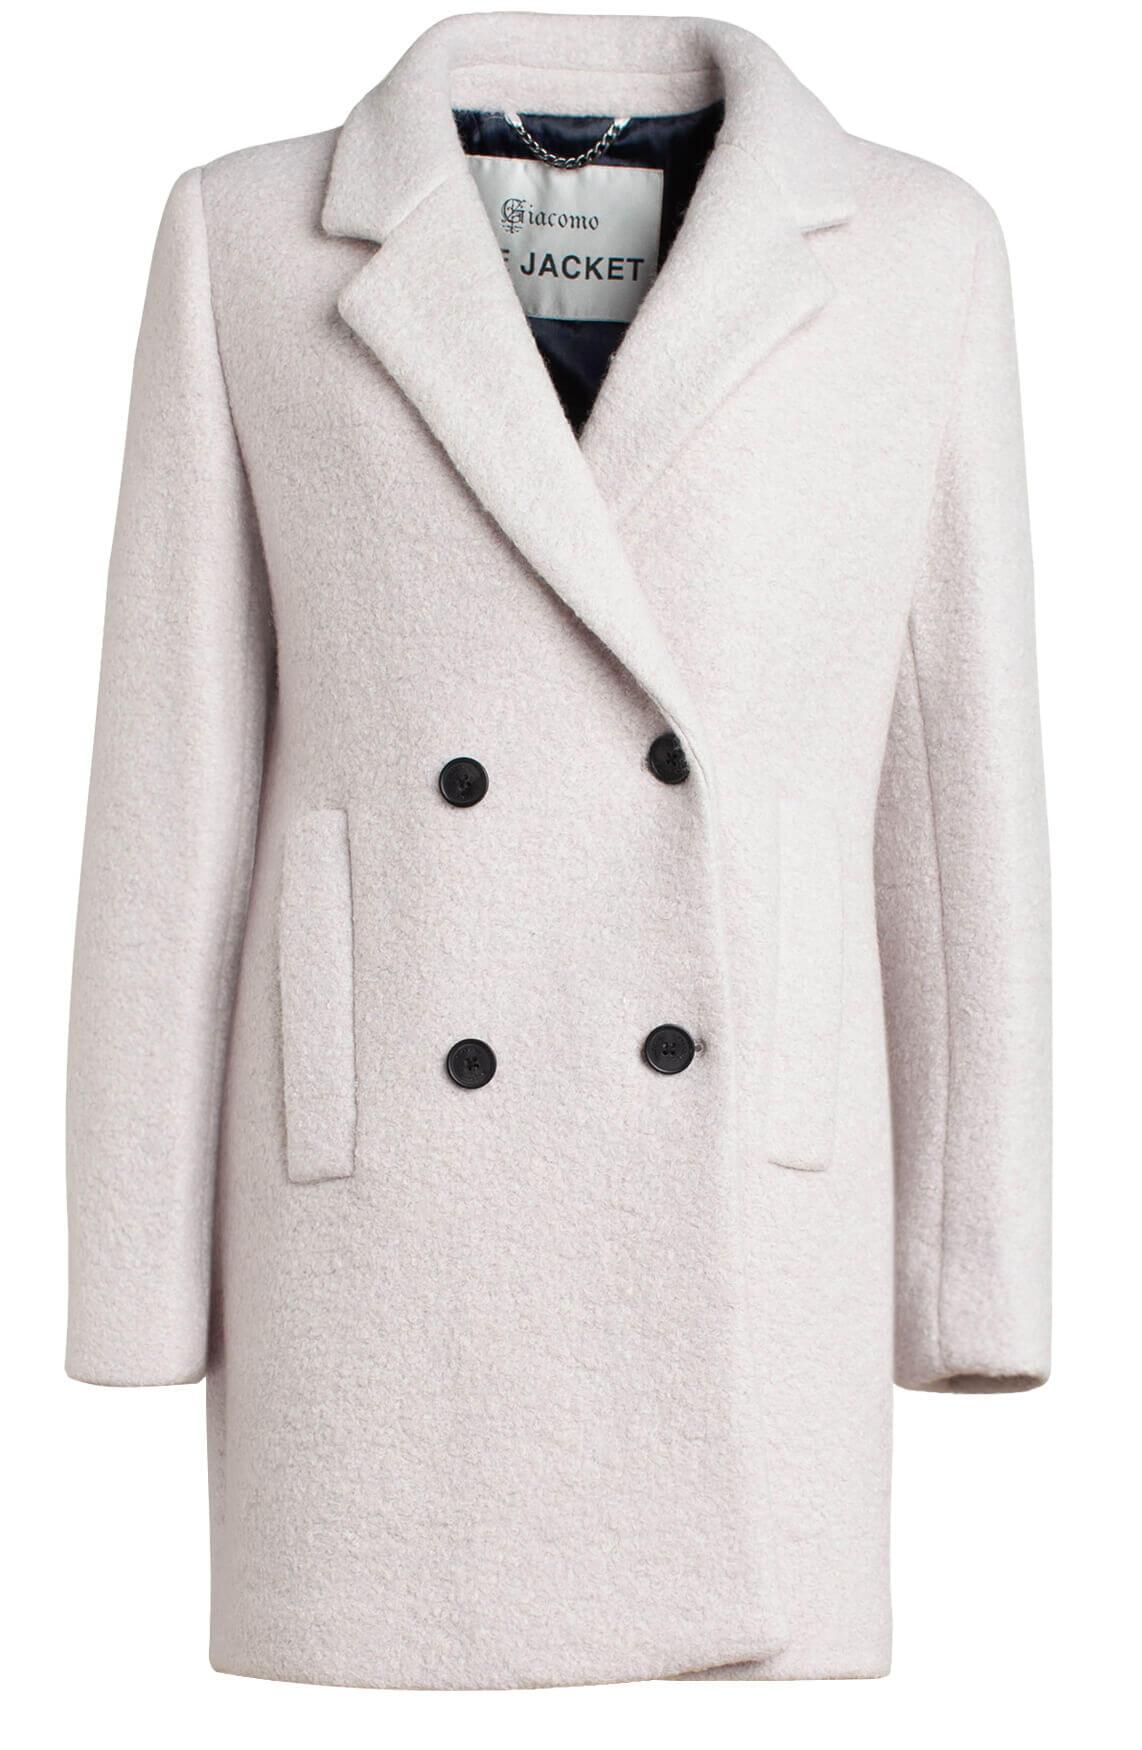 Giacomo Dames Wollen mantel wit | Anna van Toor